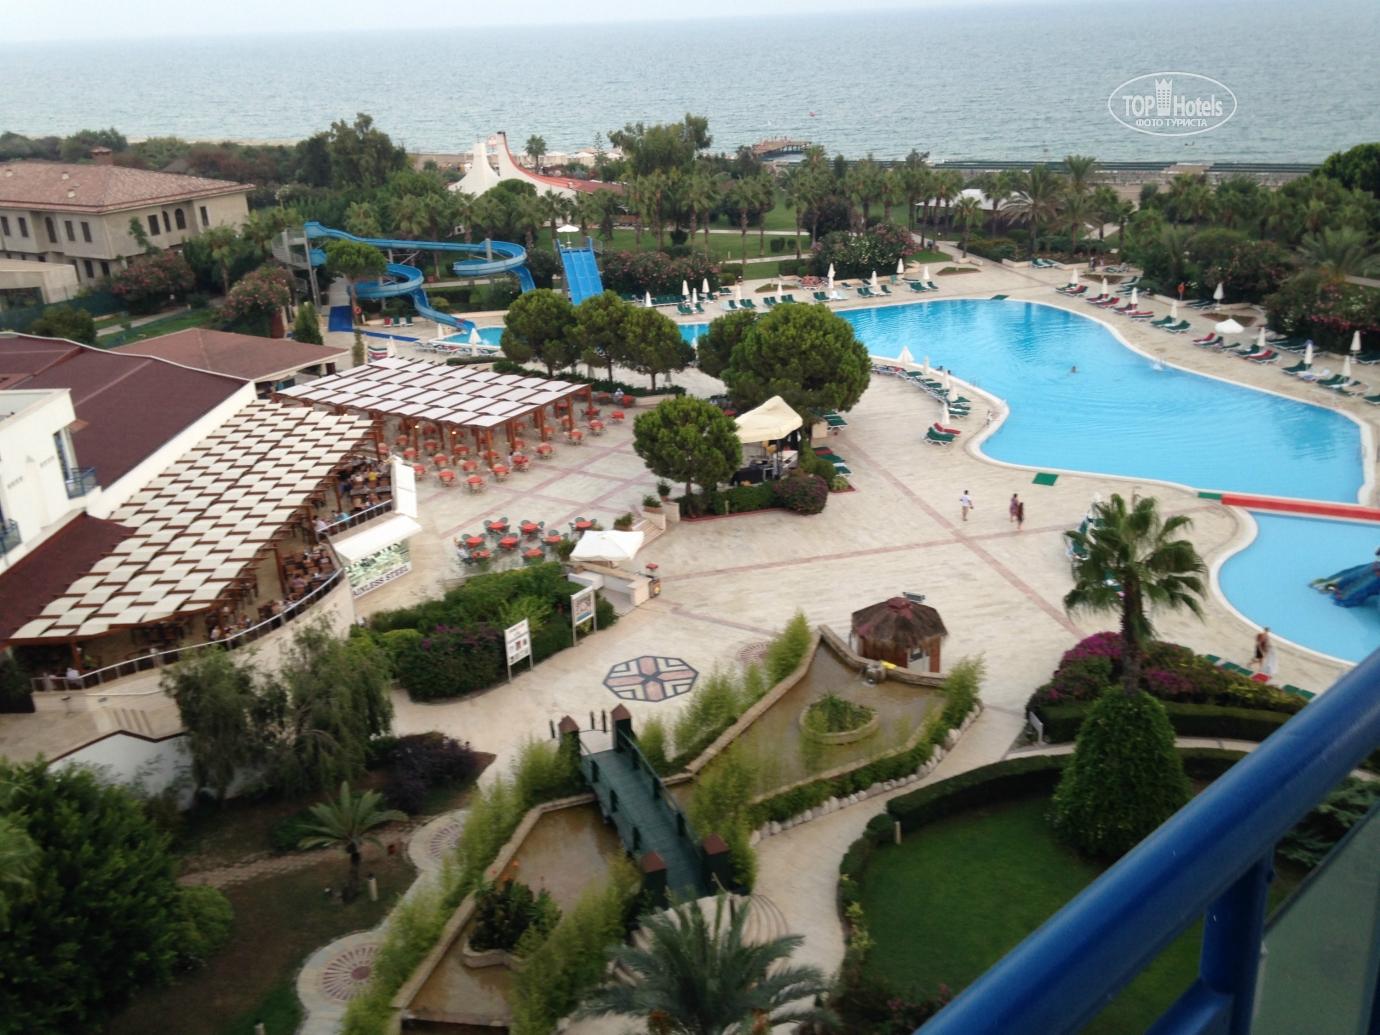 У отеля есть свой песчаный пляж с бесплатными зонтиками, шезлонгами и полотенцами.